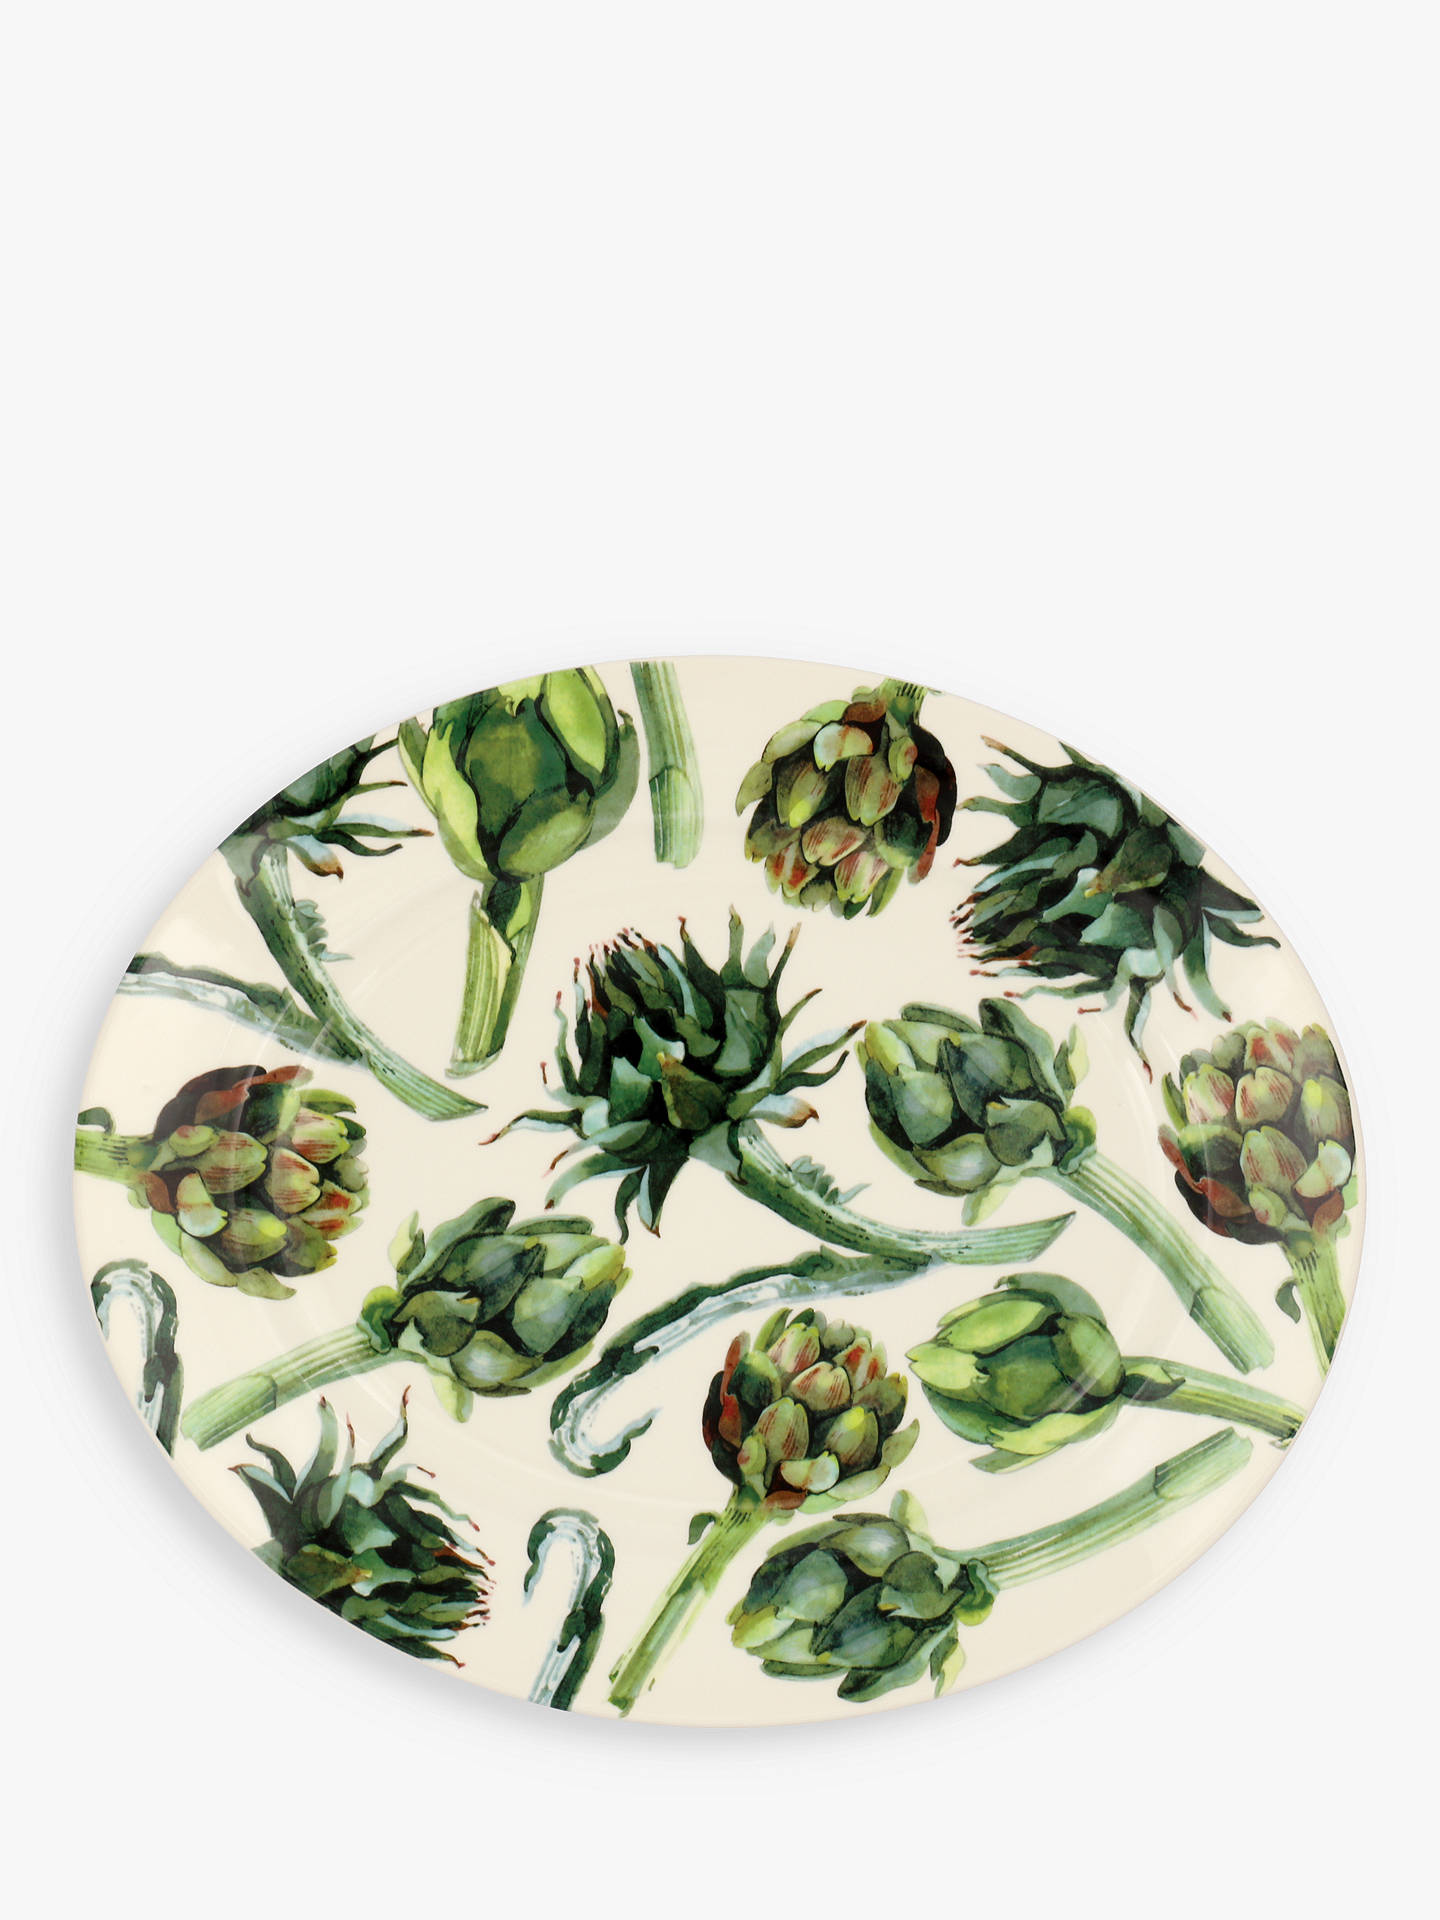 2e8173445a6b BuyEmma Bridgewater Vegetable Garden Artichoke Platter